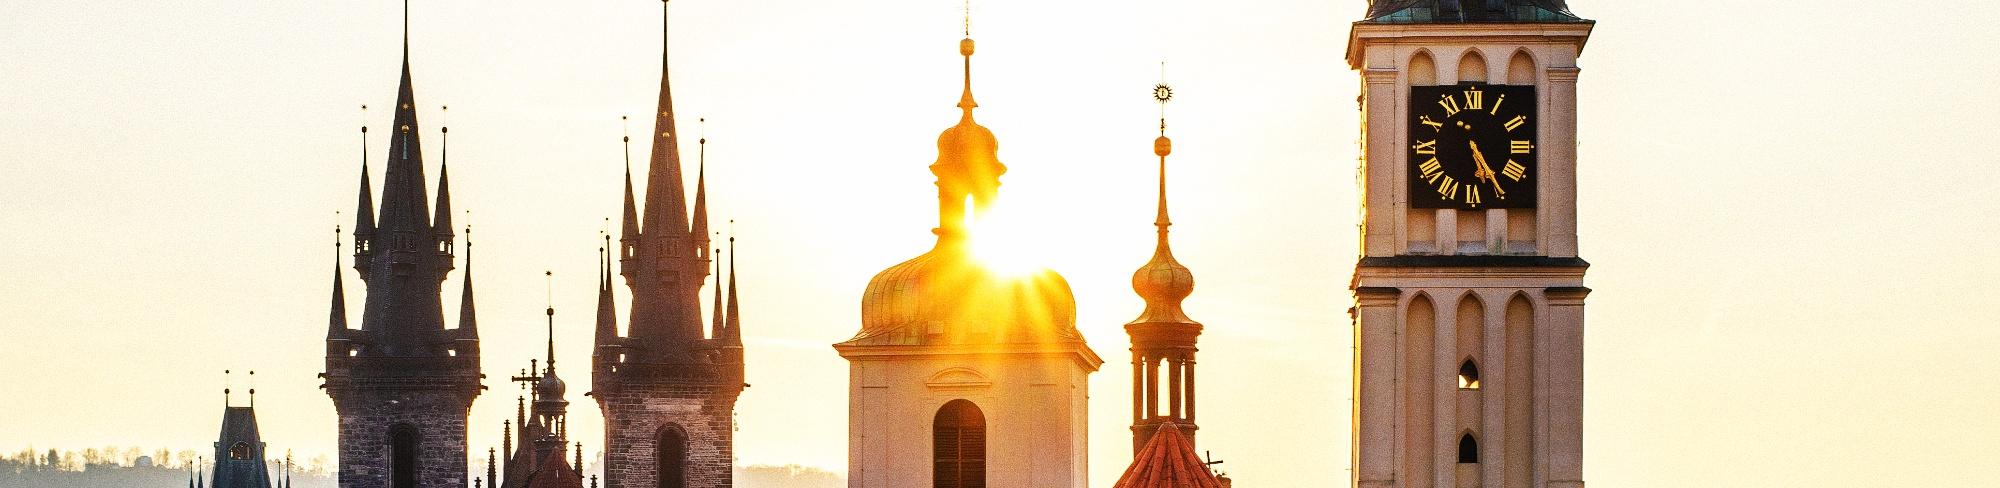 Prague Slide 6.jpg